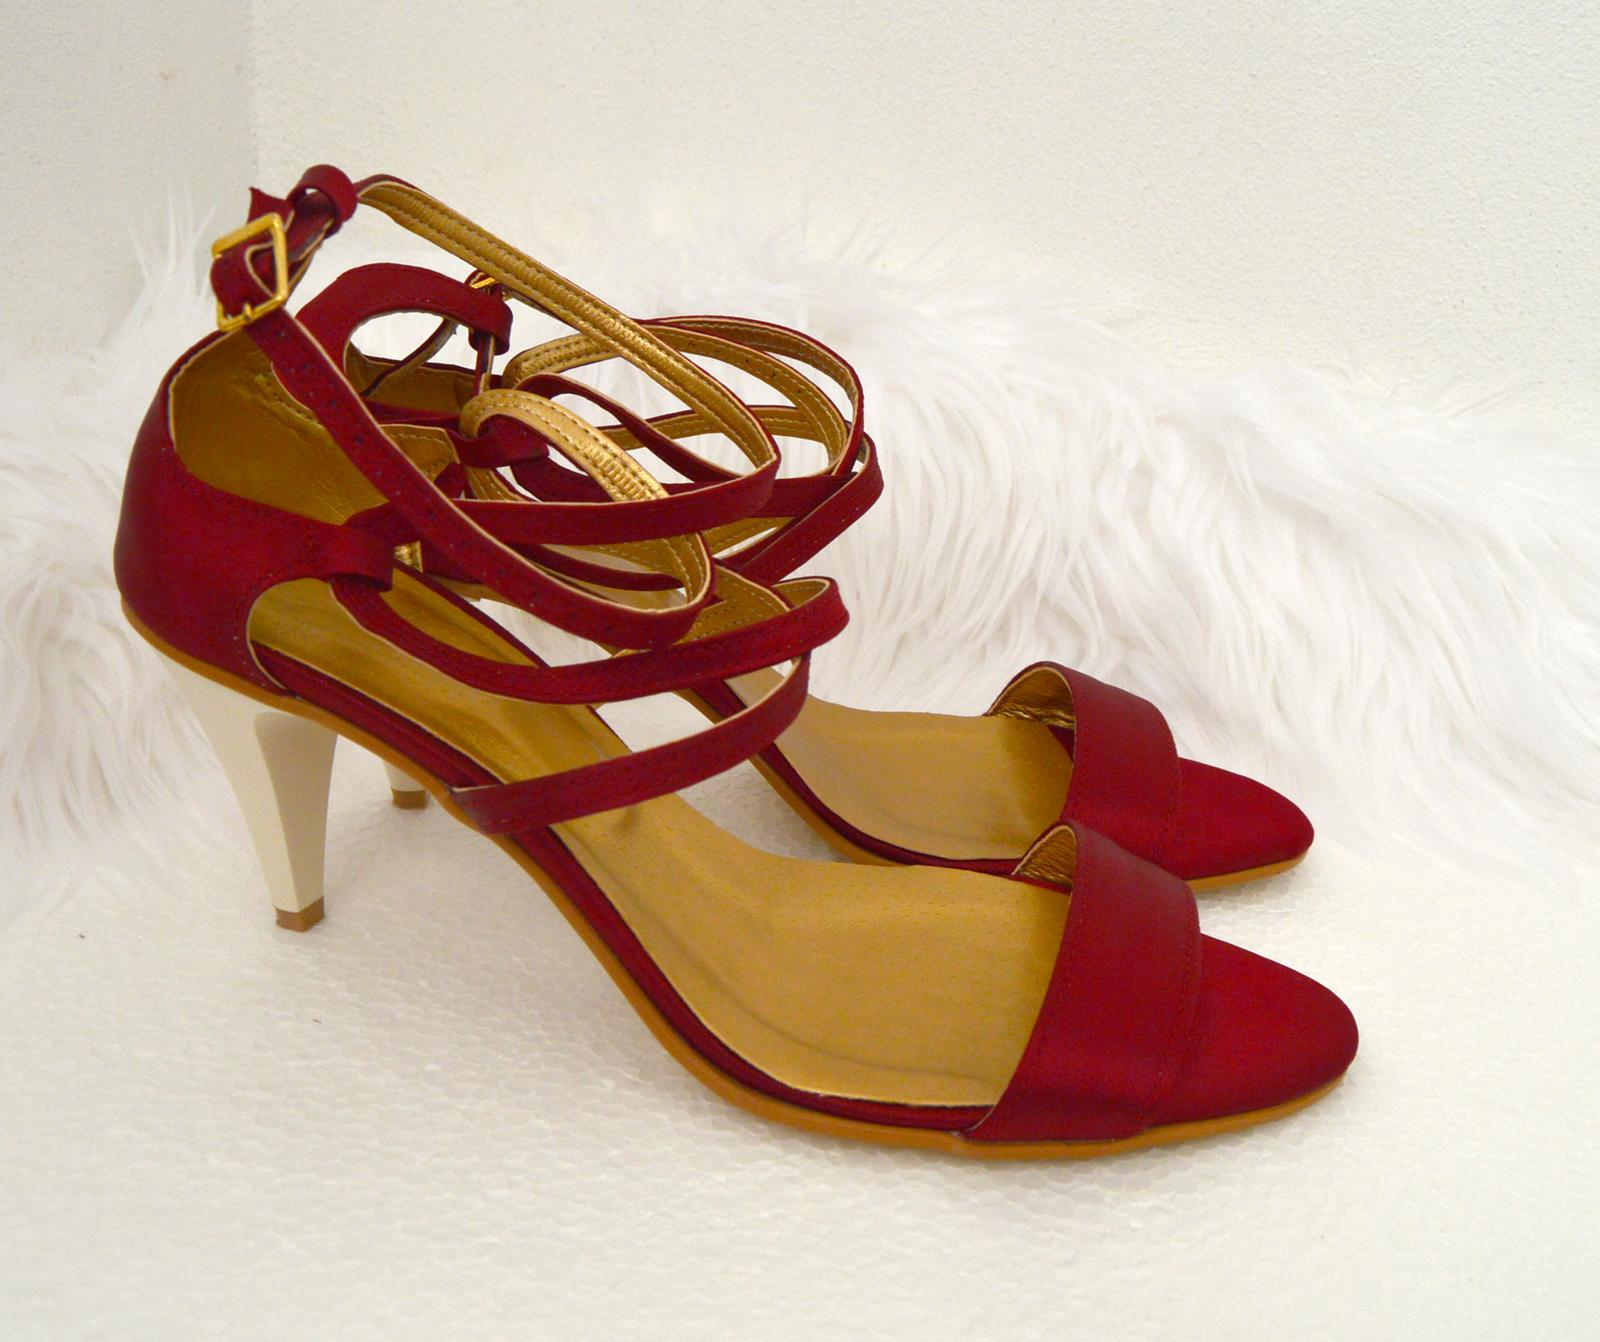 Svadobné topánky s úpravou na želanie - inšpirácie bordó, hnědá, čokoládová - Vínové sandálky, materiál satén bordó, úpravy podľa želania klientky